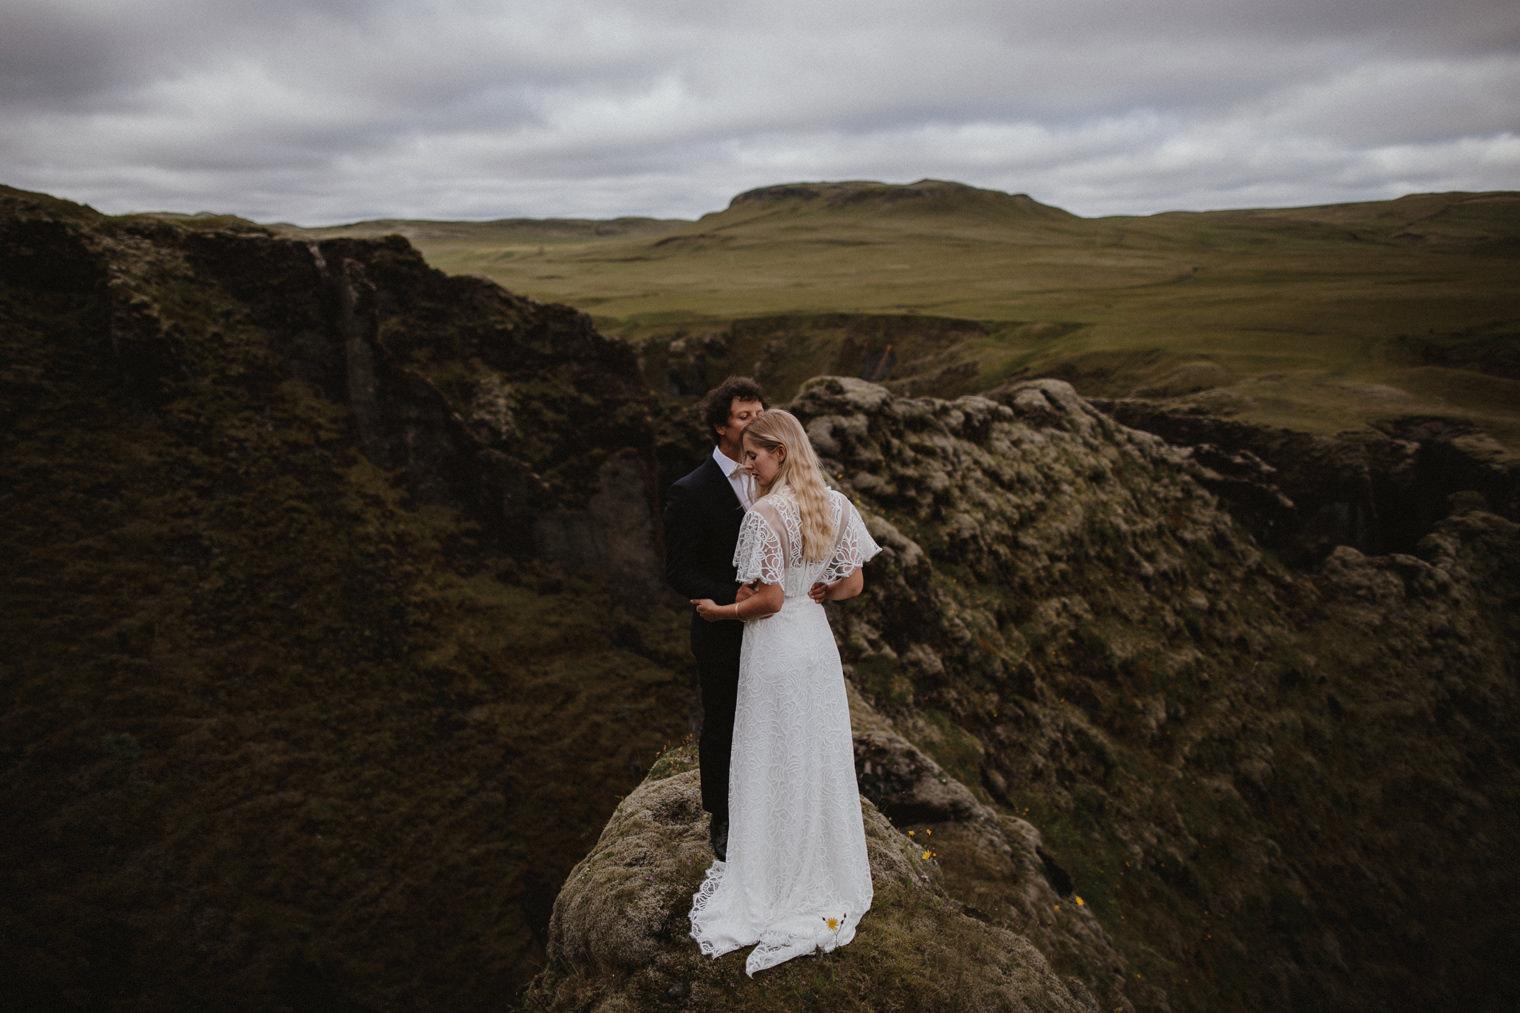 064-iceland-wedding